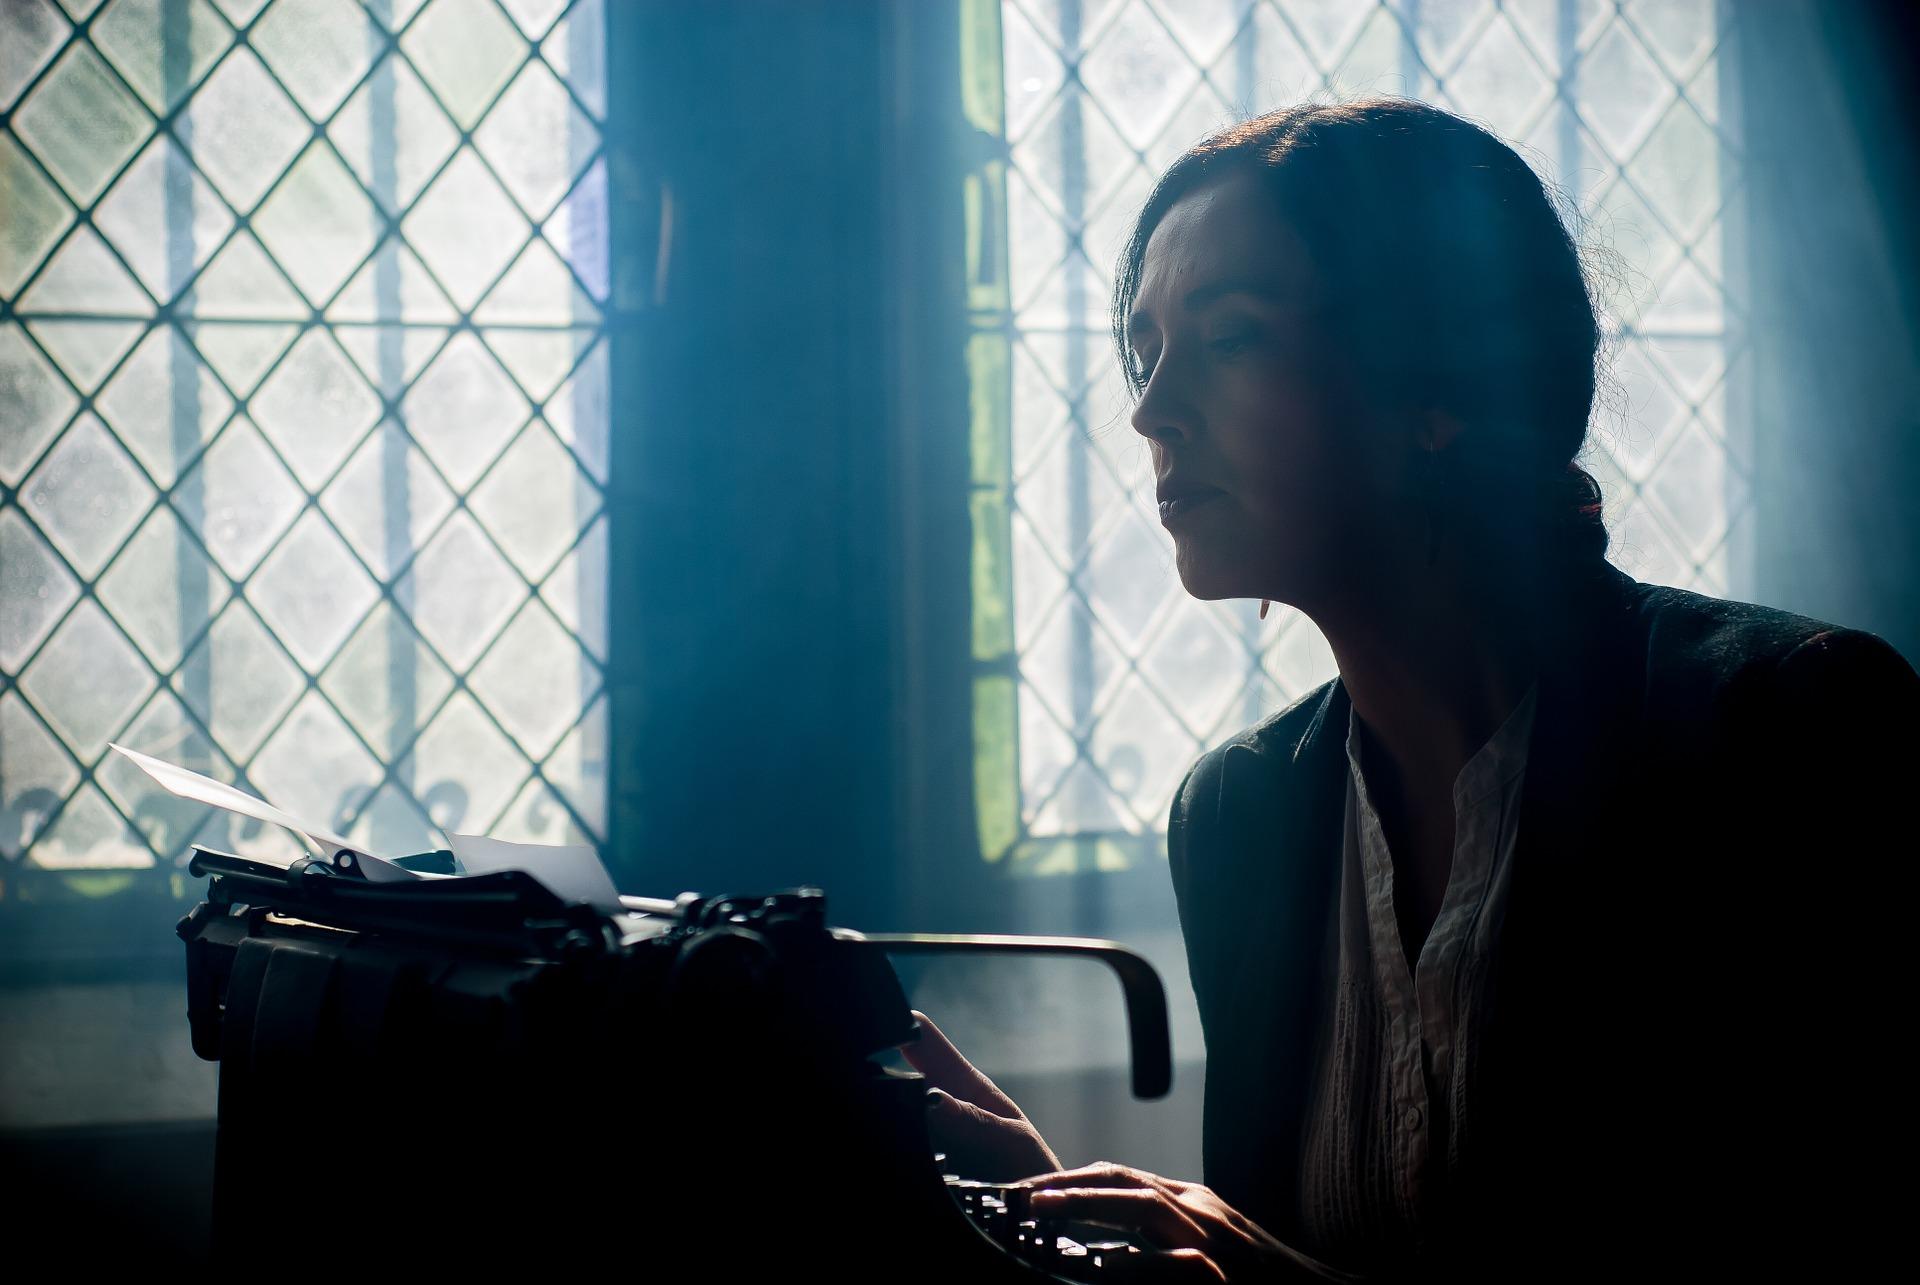 woman using a typewriter